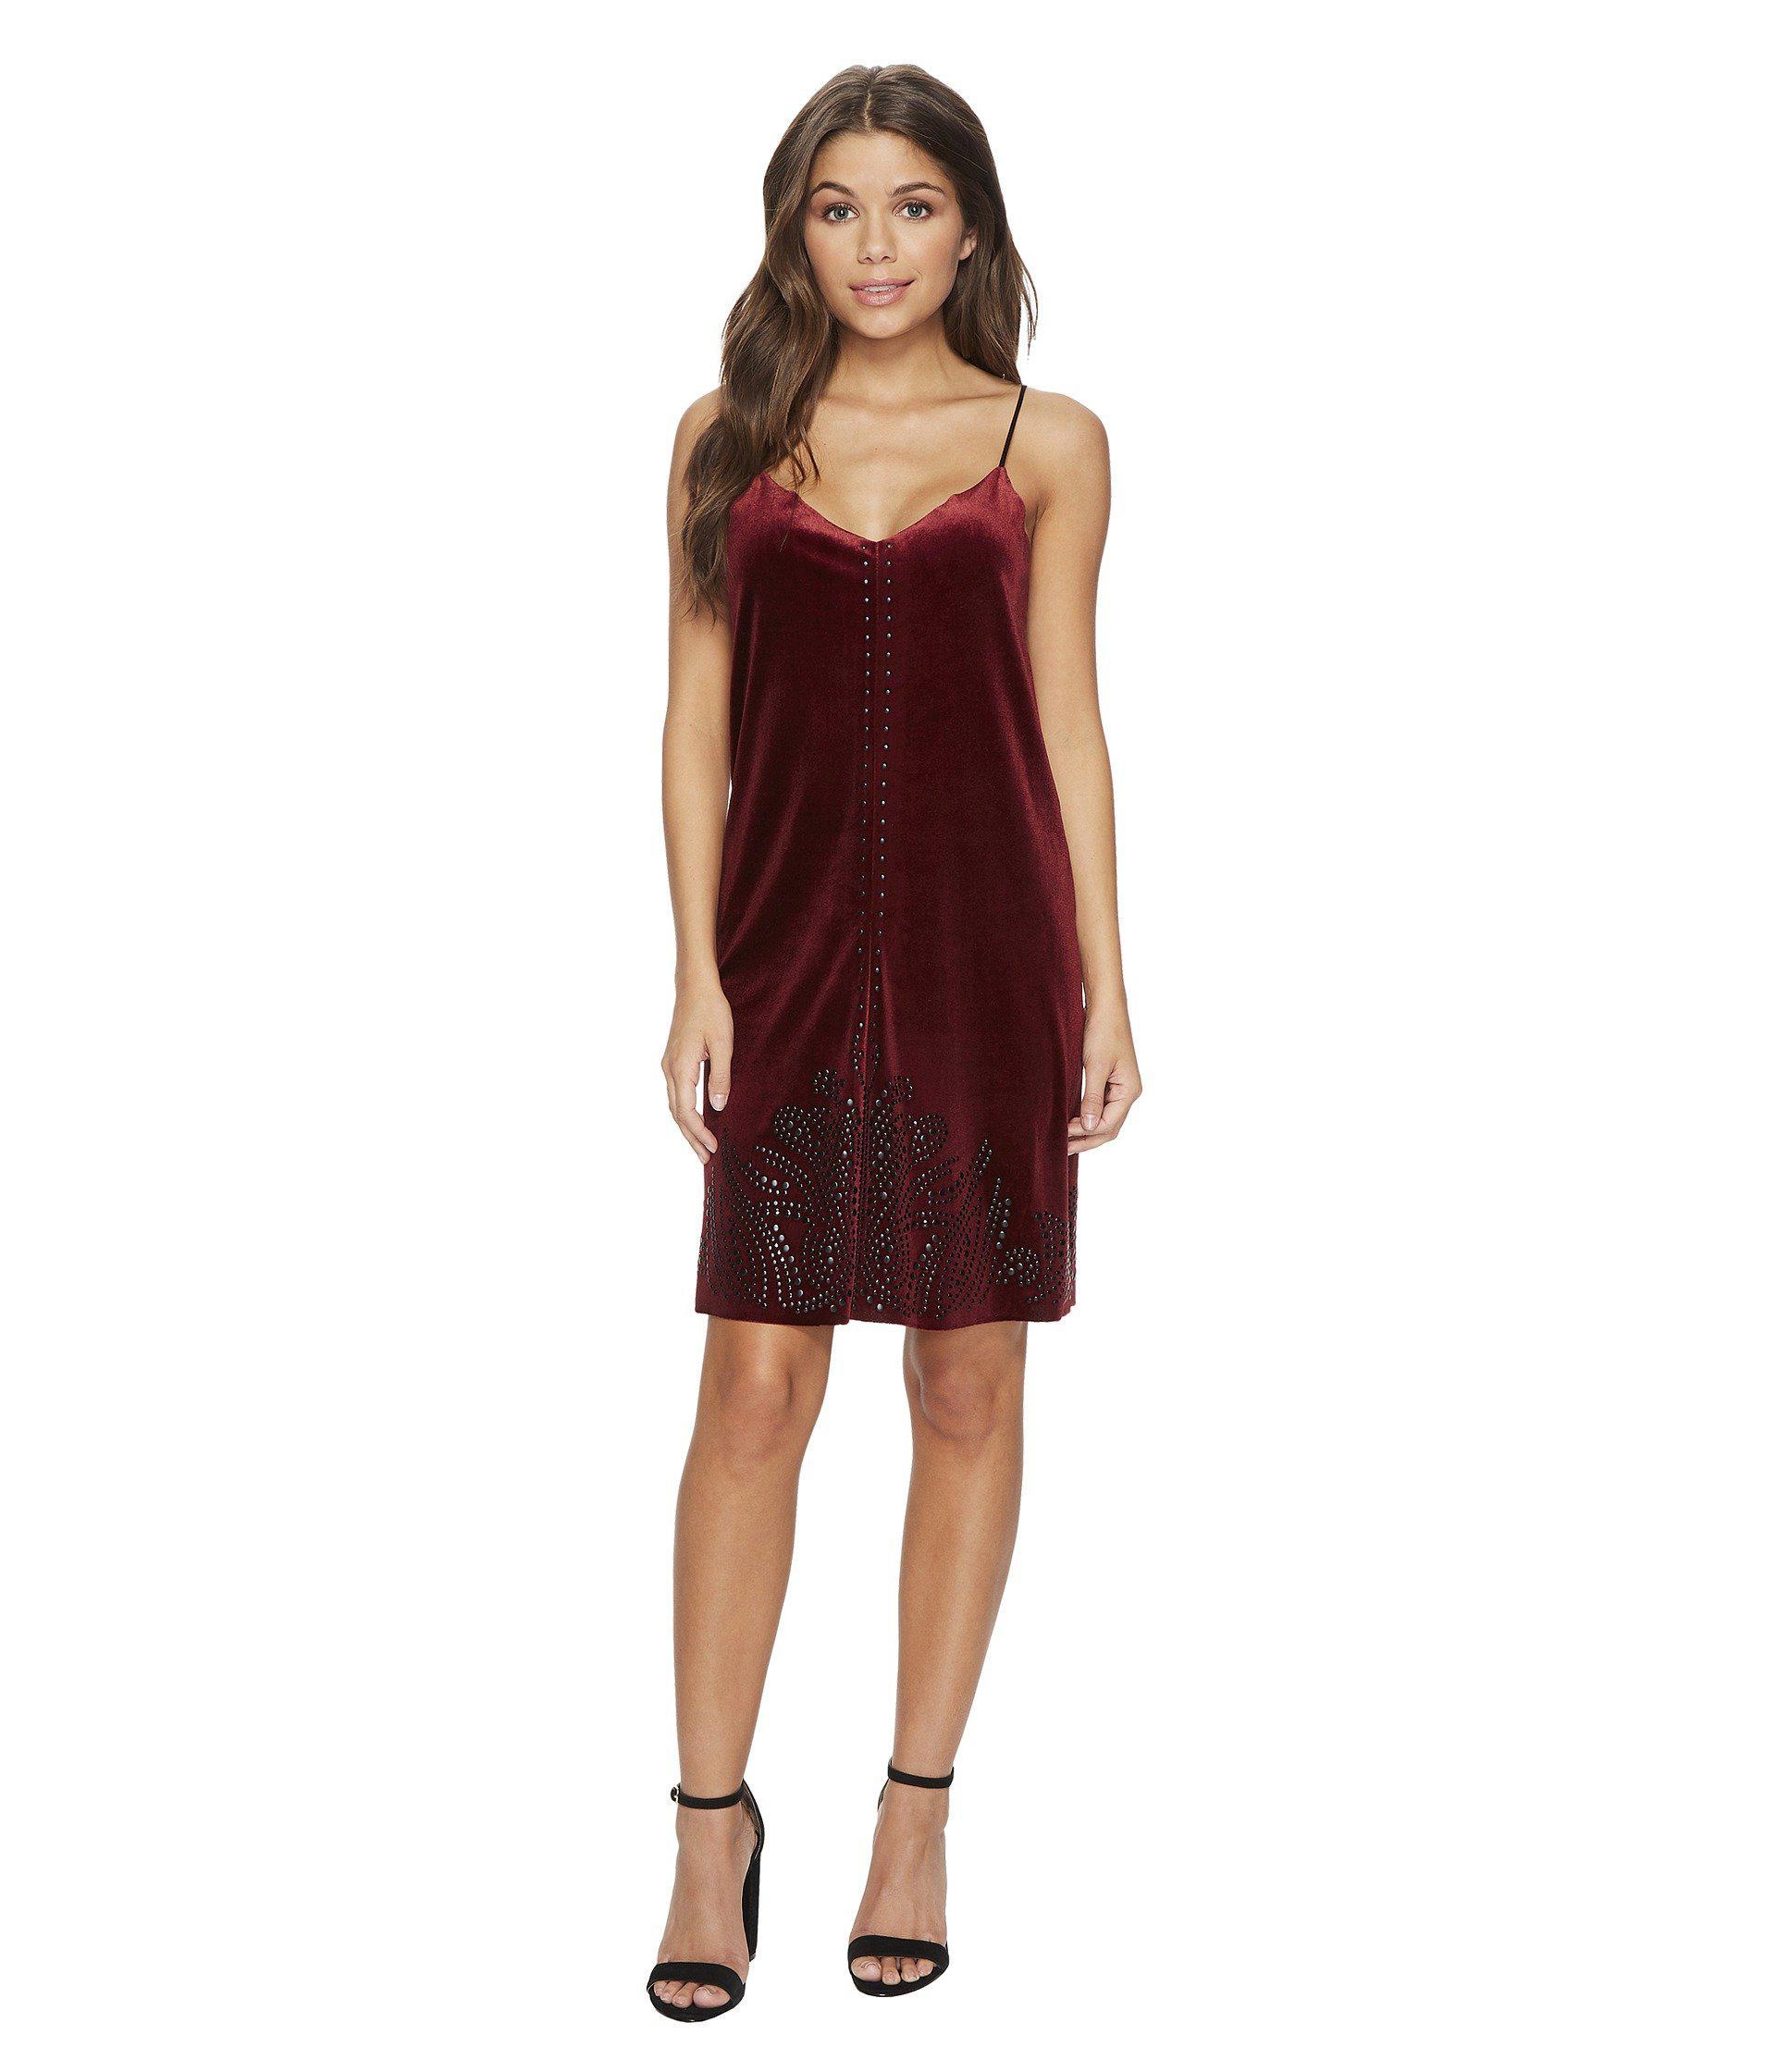 Lyst - Blank Nyc Velvet Dress In Velvet Rope in Red - Save 61%